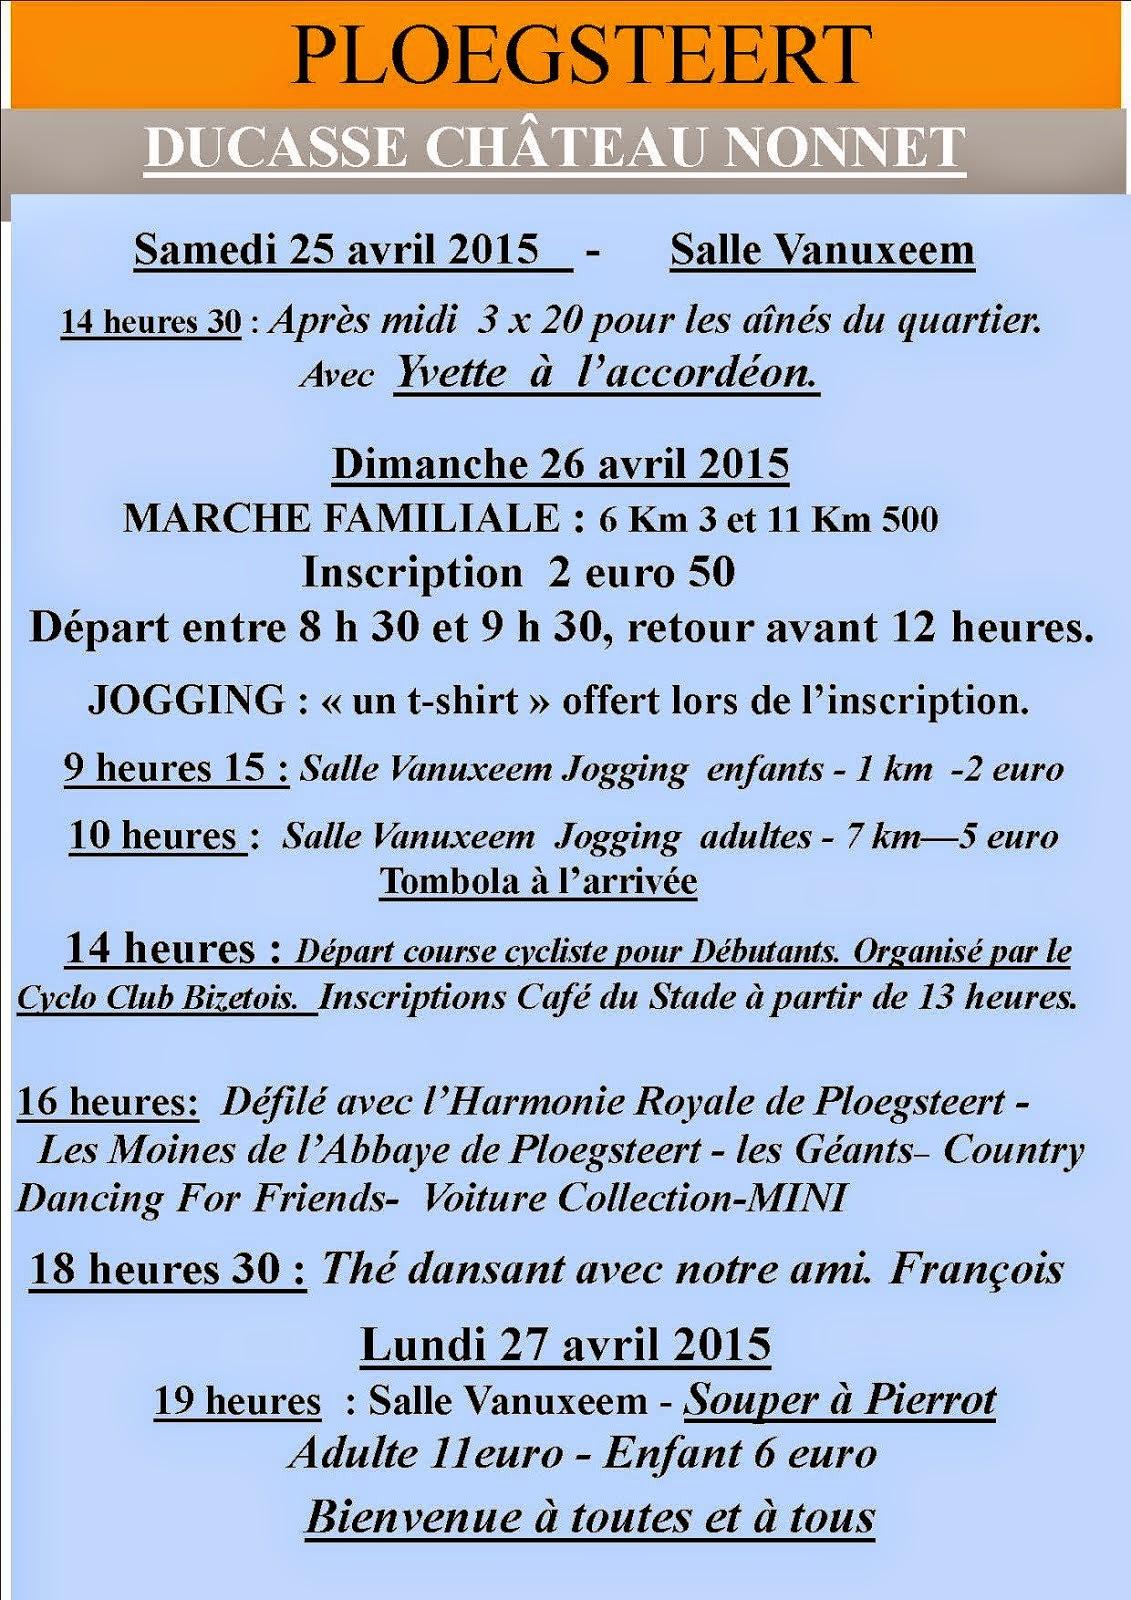 25-26-27 avril ducasse du Château-Nonnet